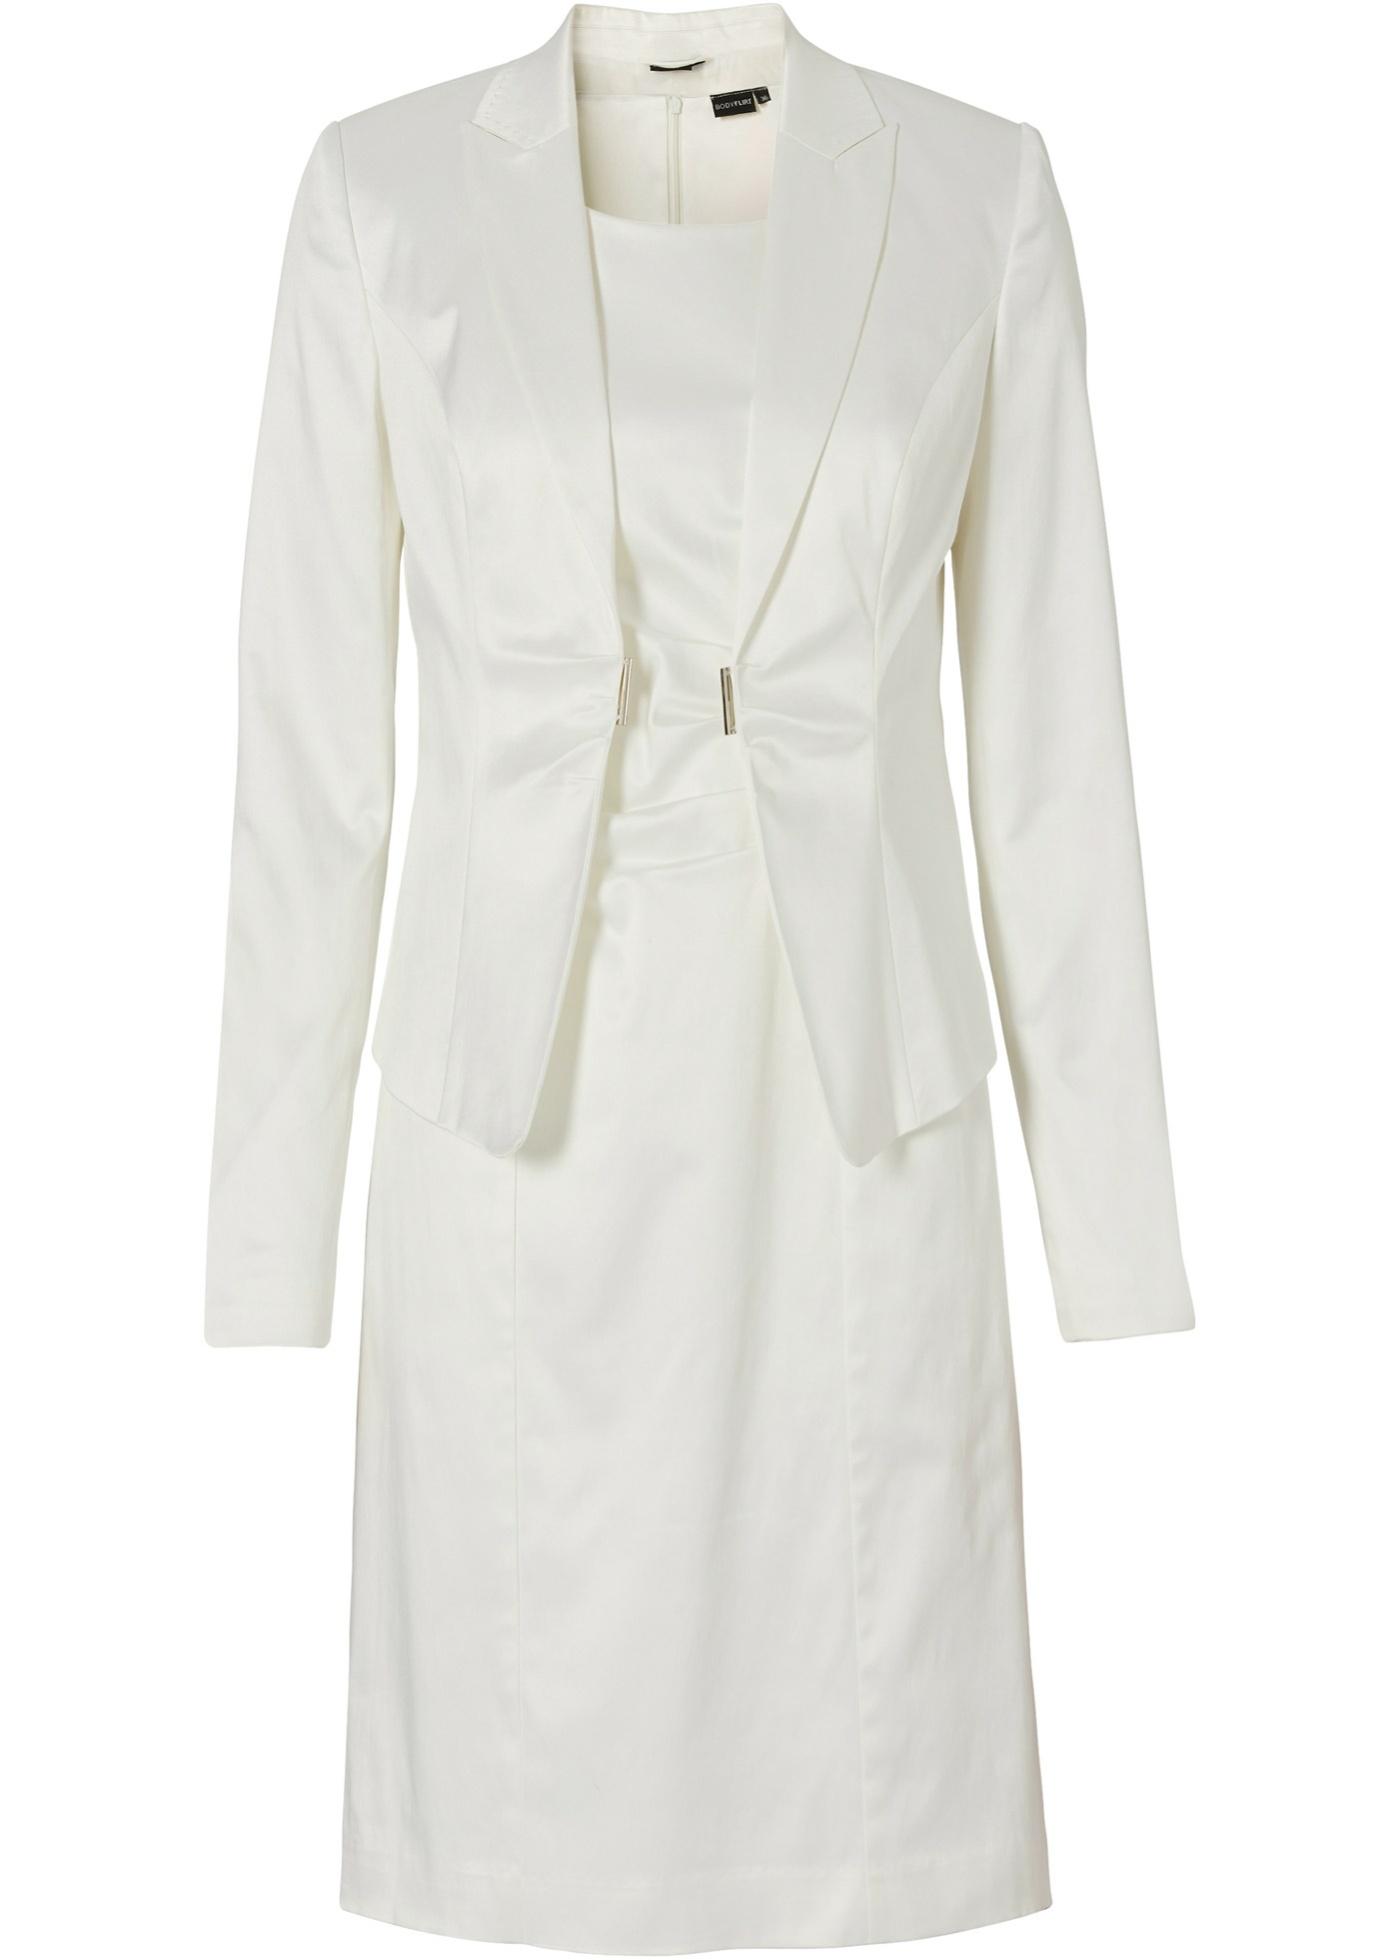 Kostüm Blazer + Kleid 2-tlg. Set in weiß für Damen von bonprix Damenmode > Damenbekleidung > Damenblazer